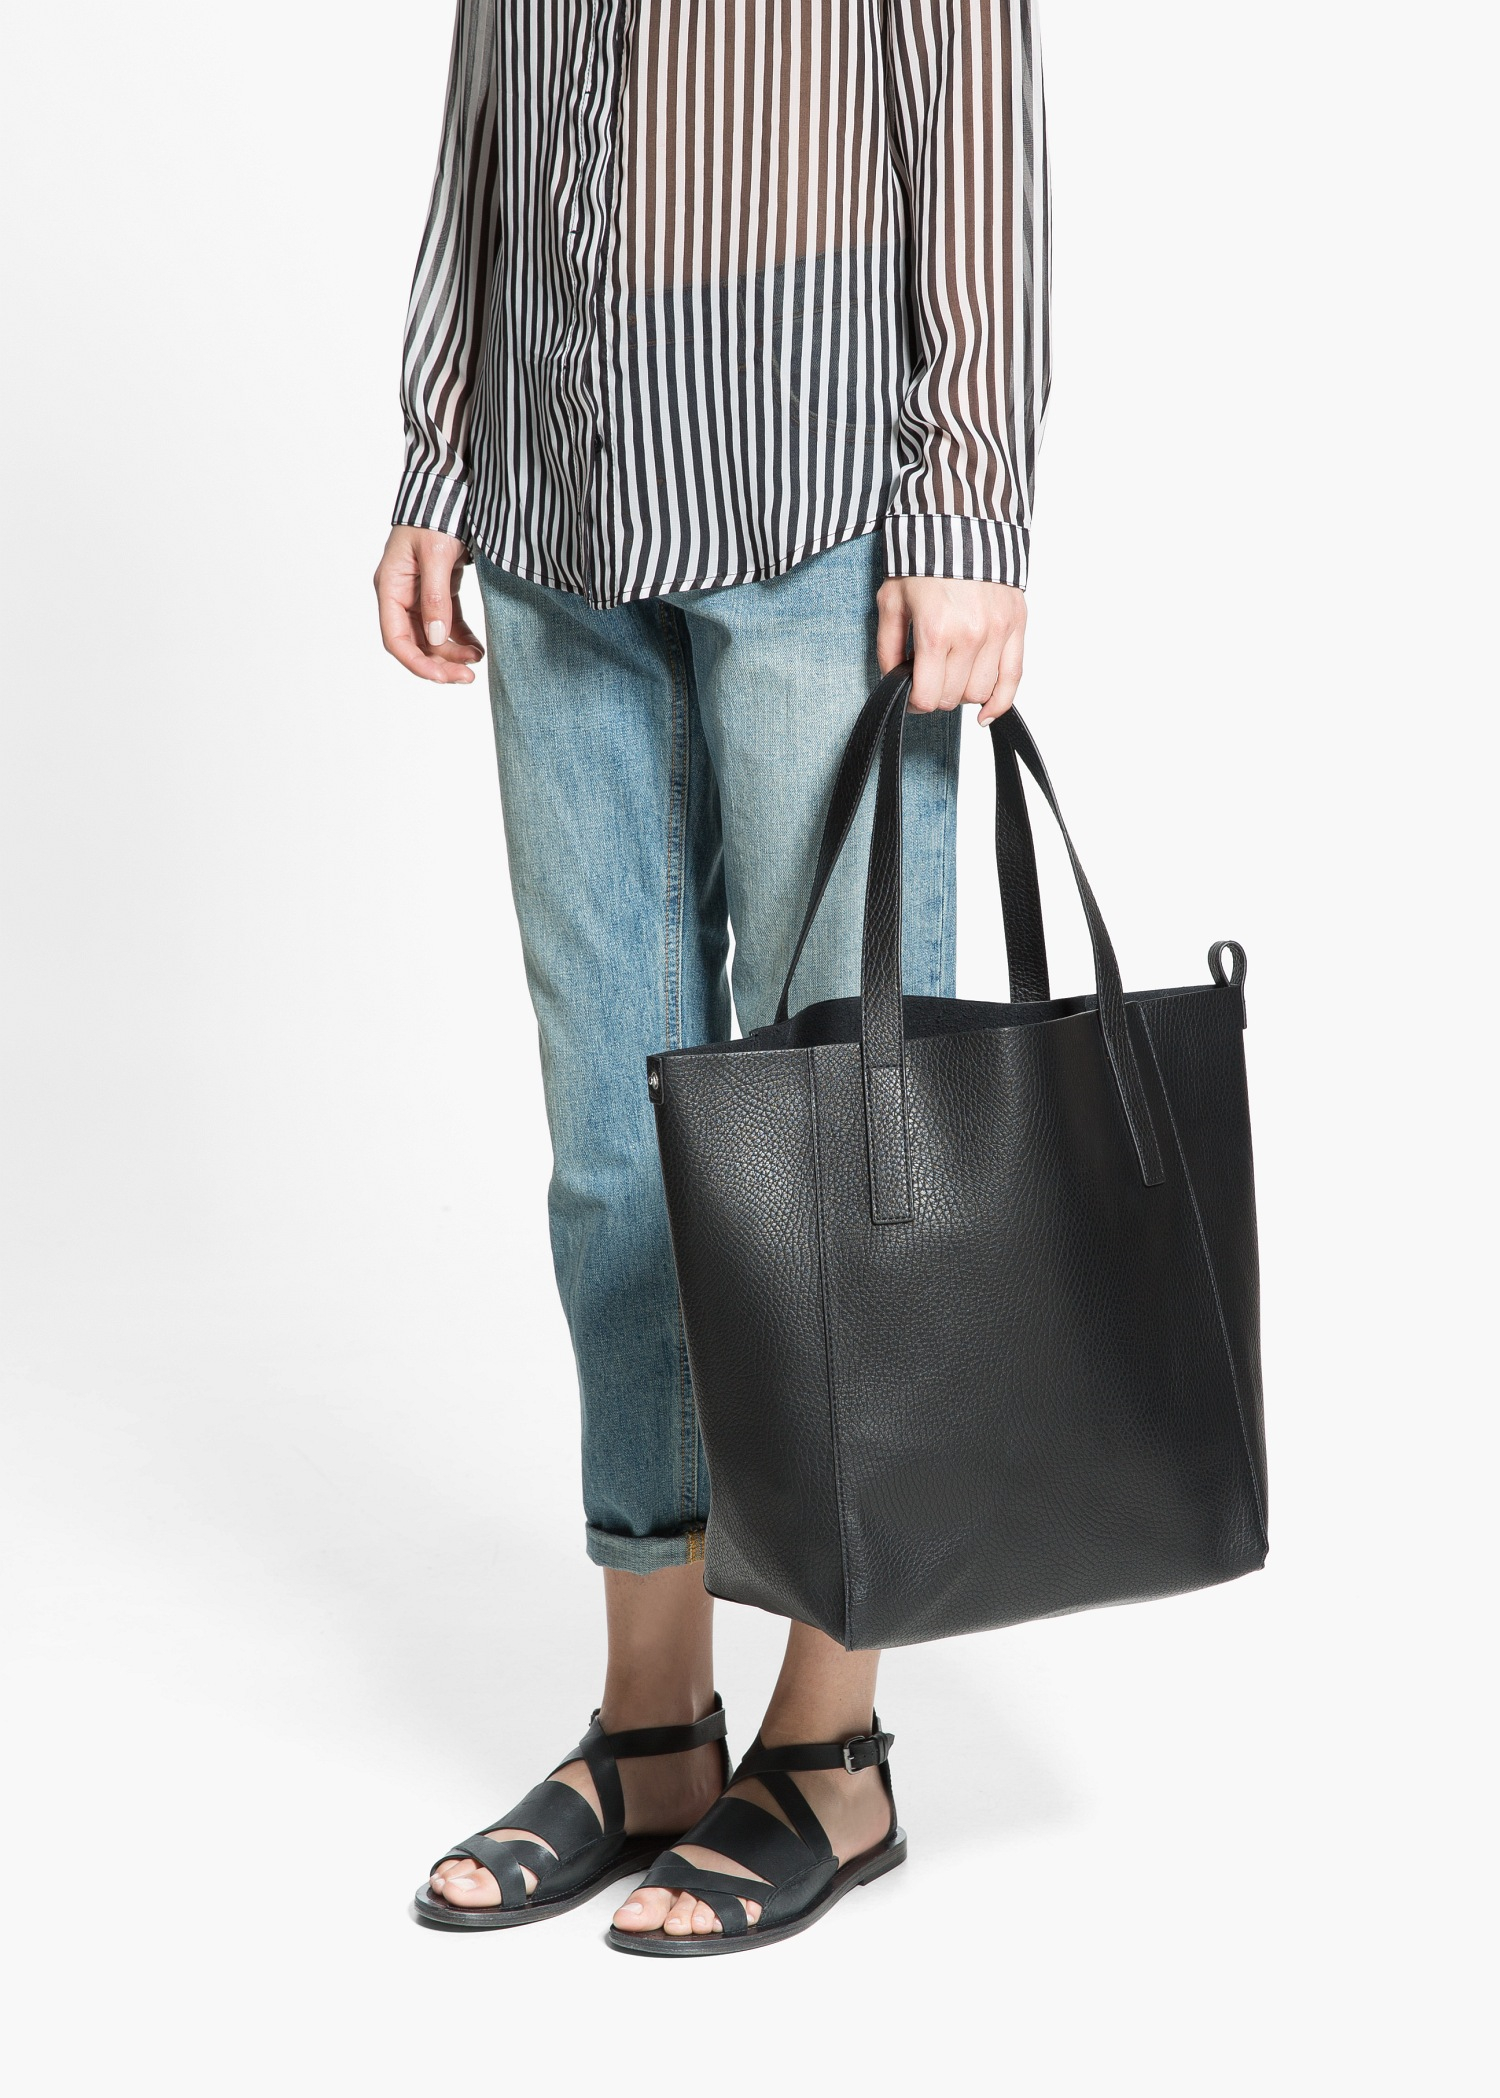 Fabulous Lyst - Mango Faux-Leather Shopper Bag in Black JY95